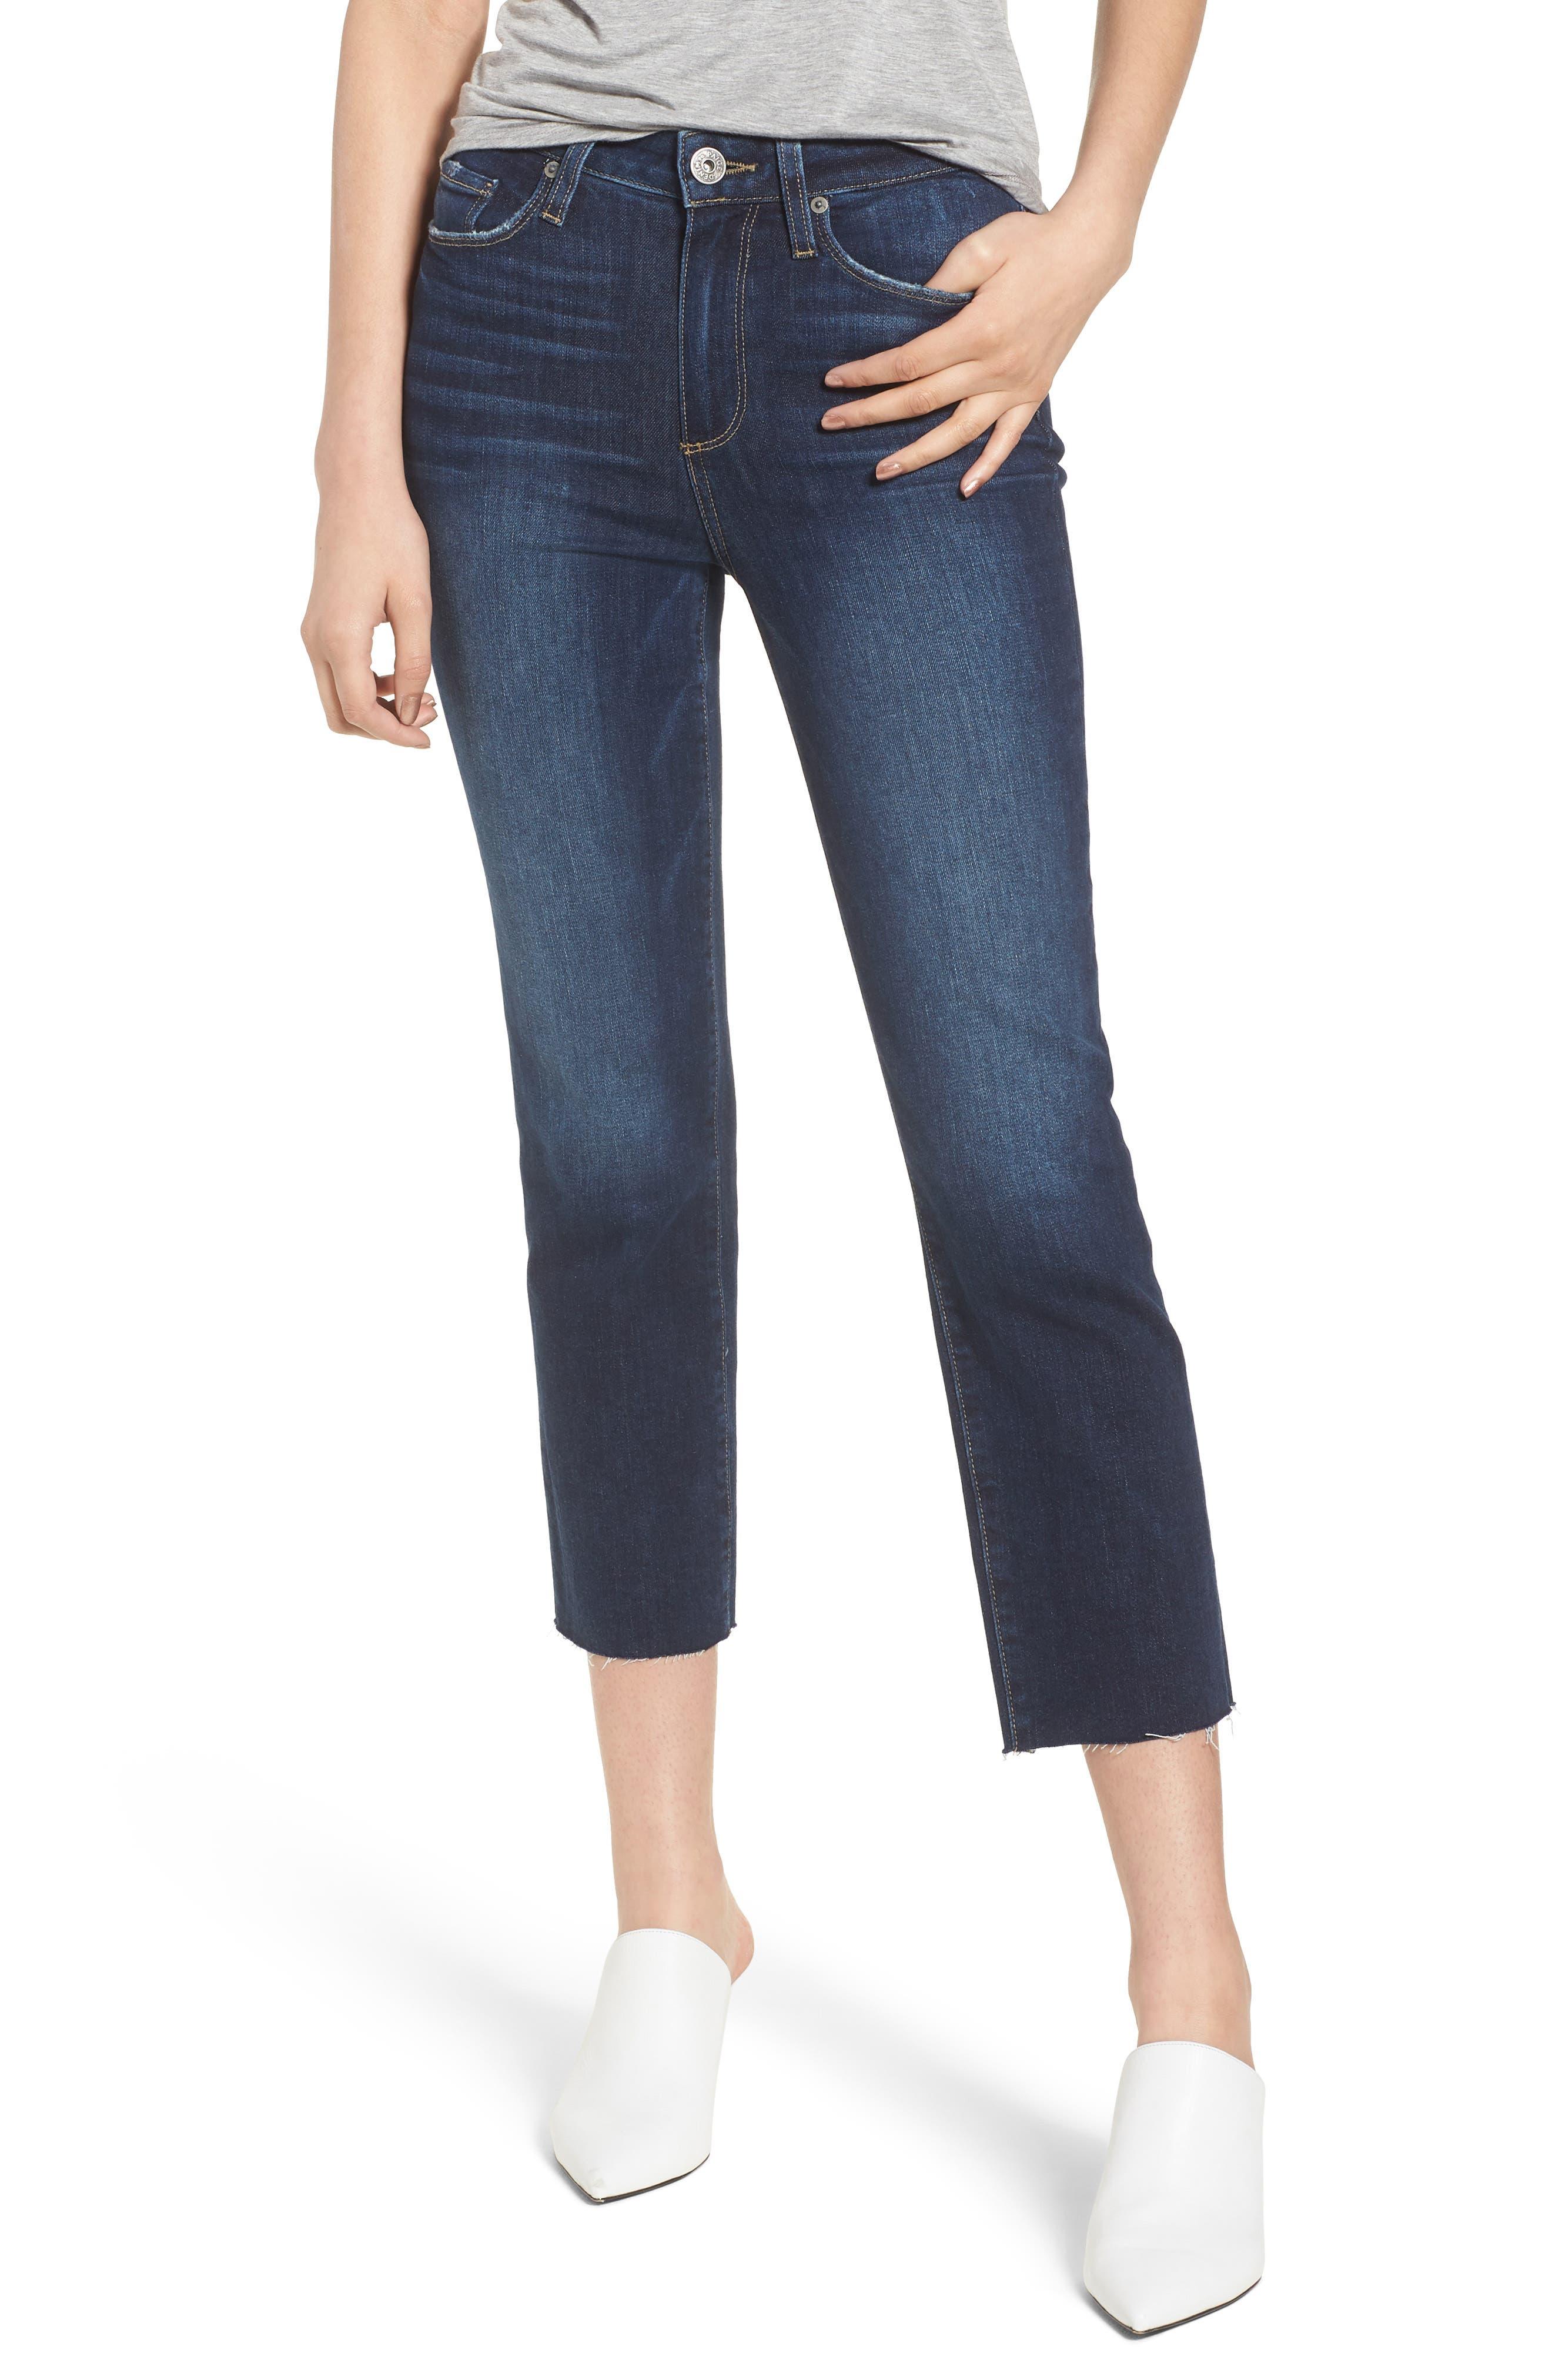 Hoxton Transcend Vintage High Waist Crop Straight Leg Jeans,                         Main,                         color, 400